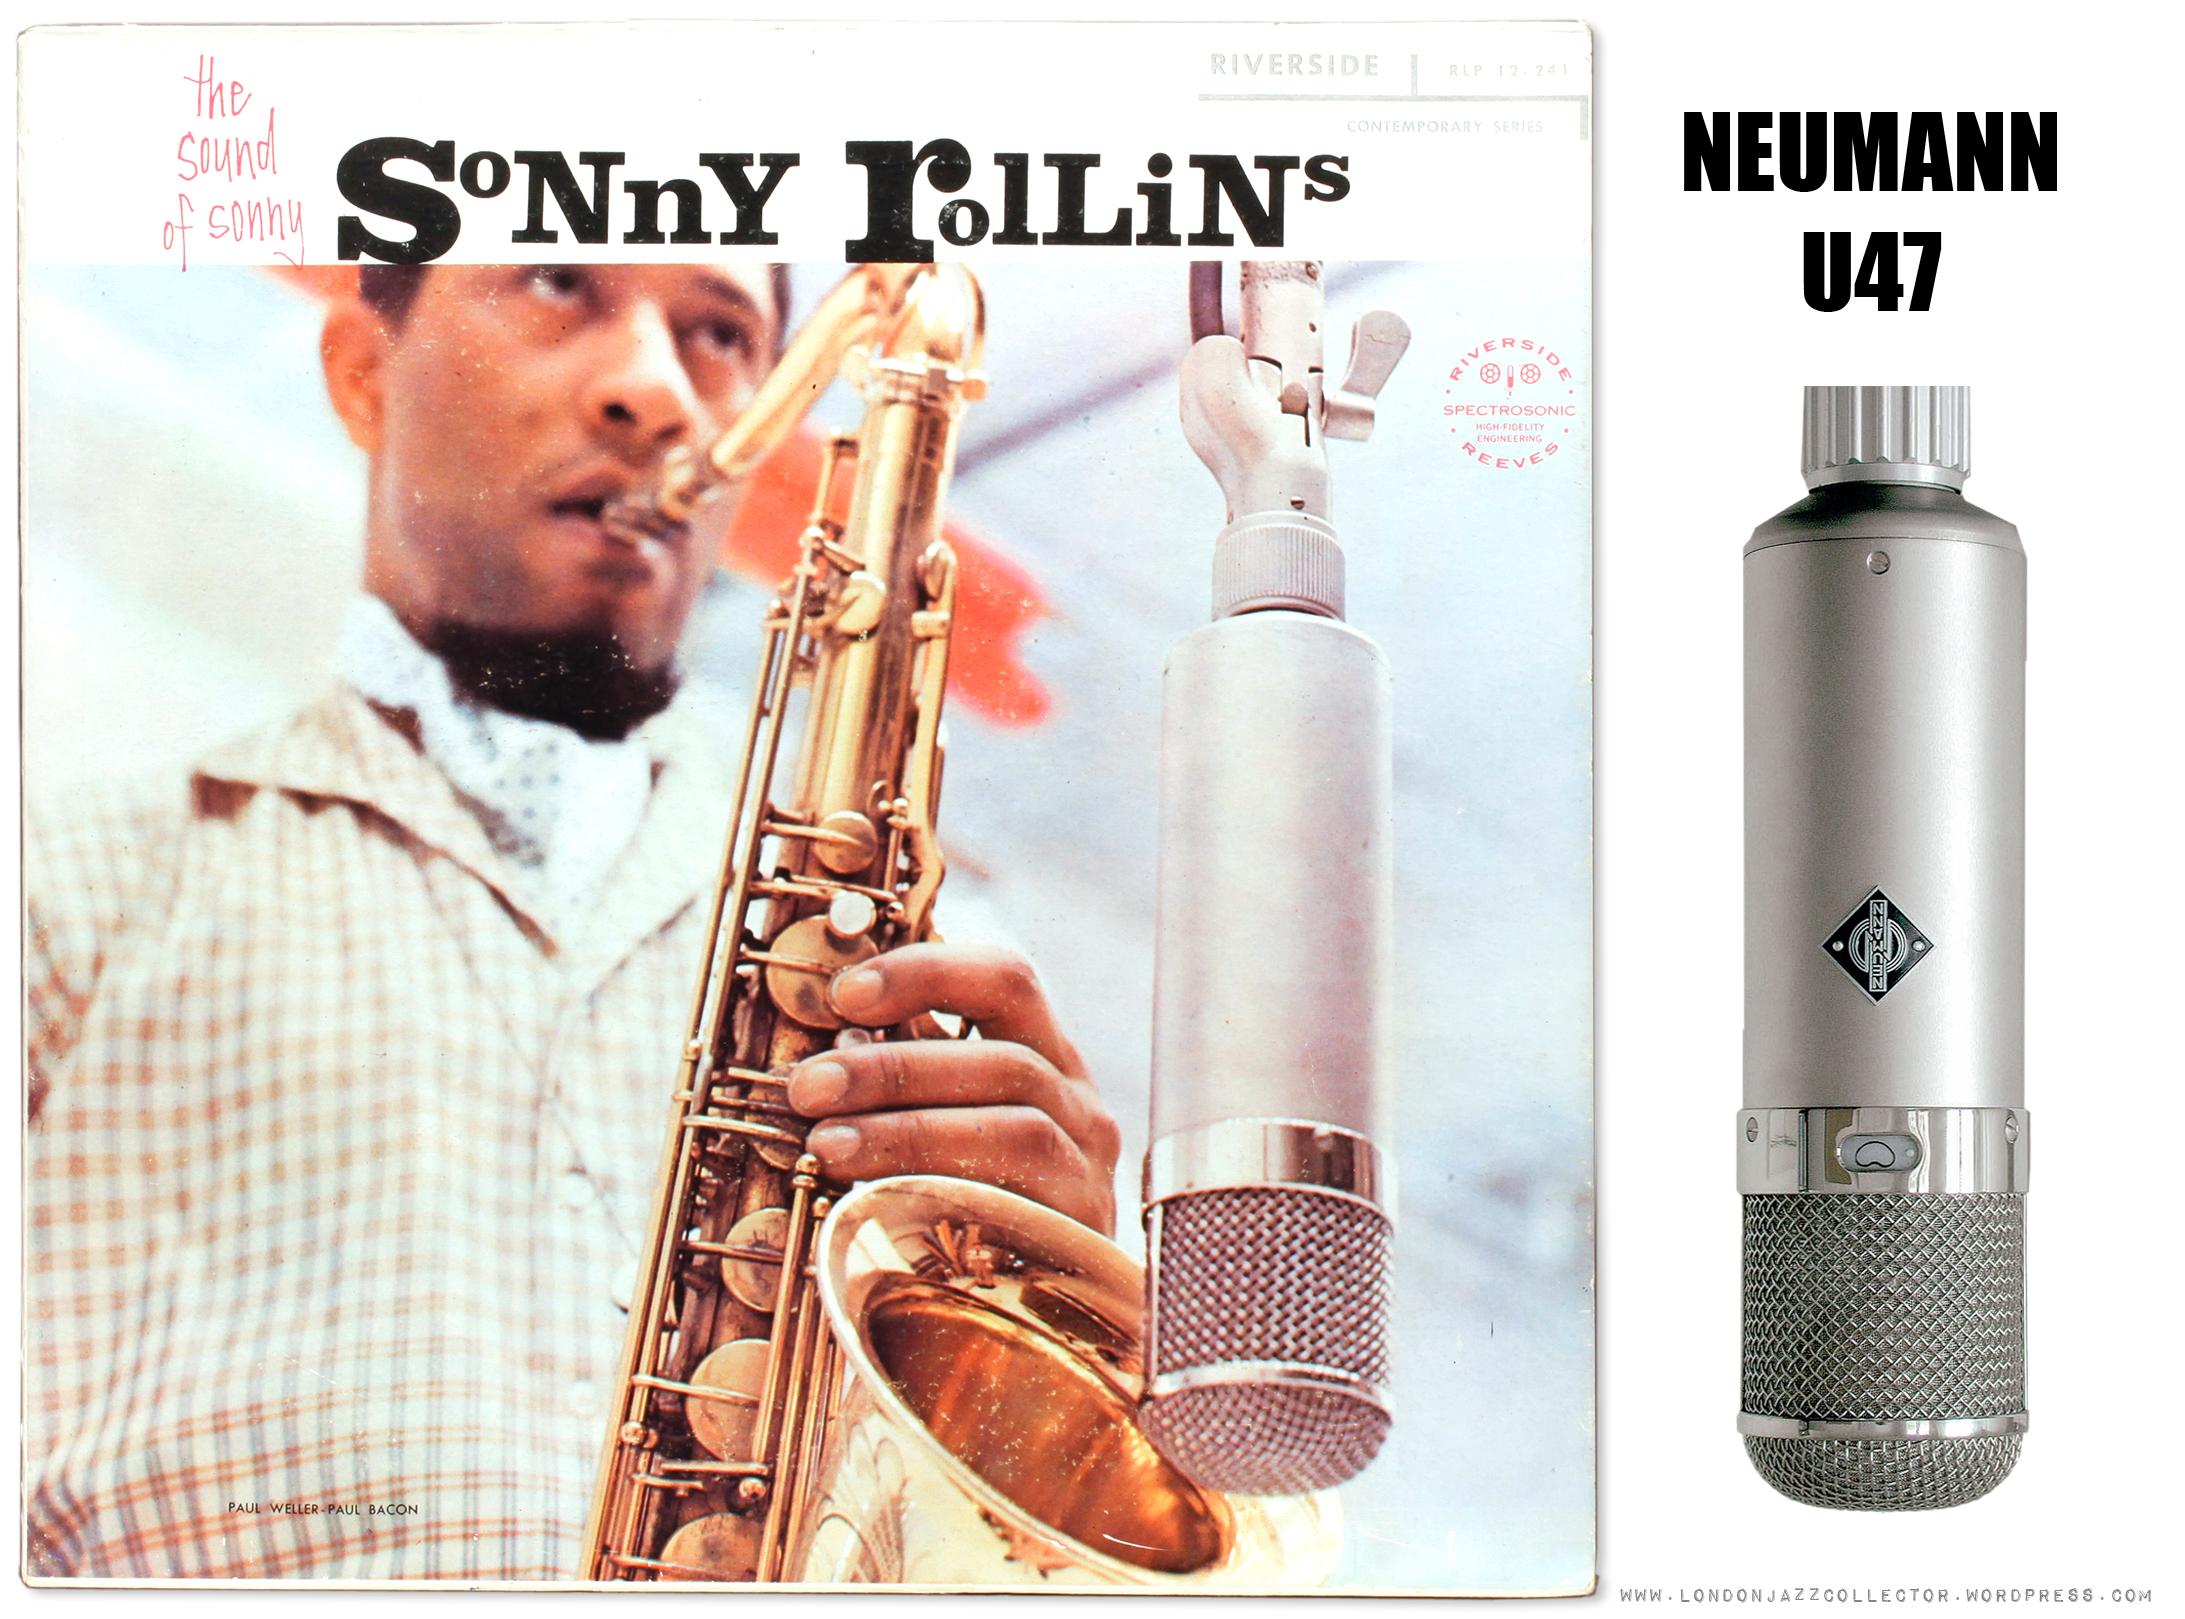 Sonny Rollins The Sound Of Sonny 1957 Uk Riverside